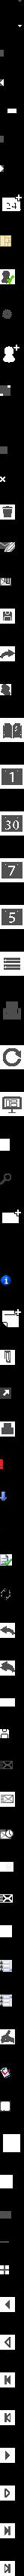 client/resources/images/buttons-sd93182de2e.png